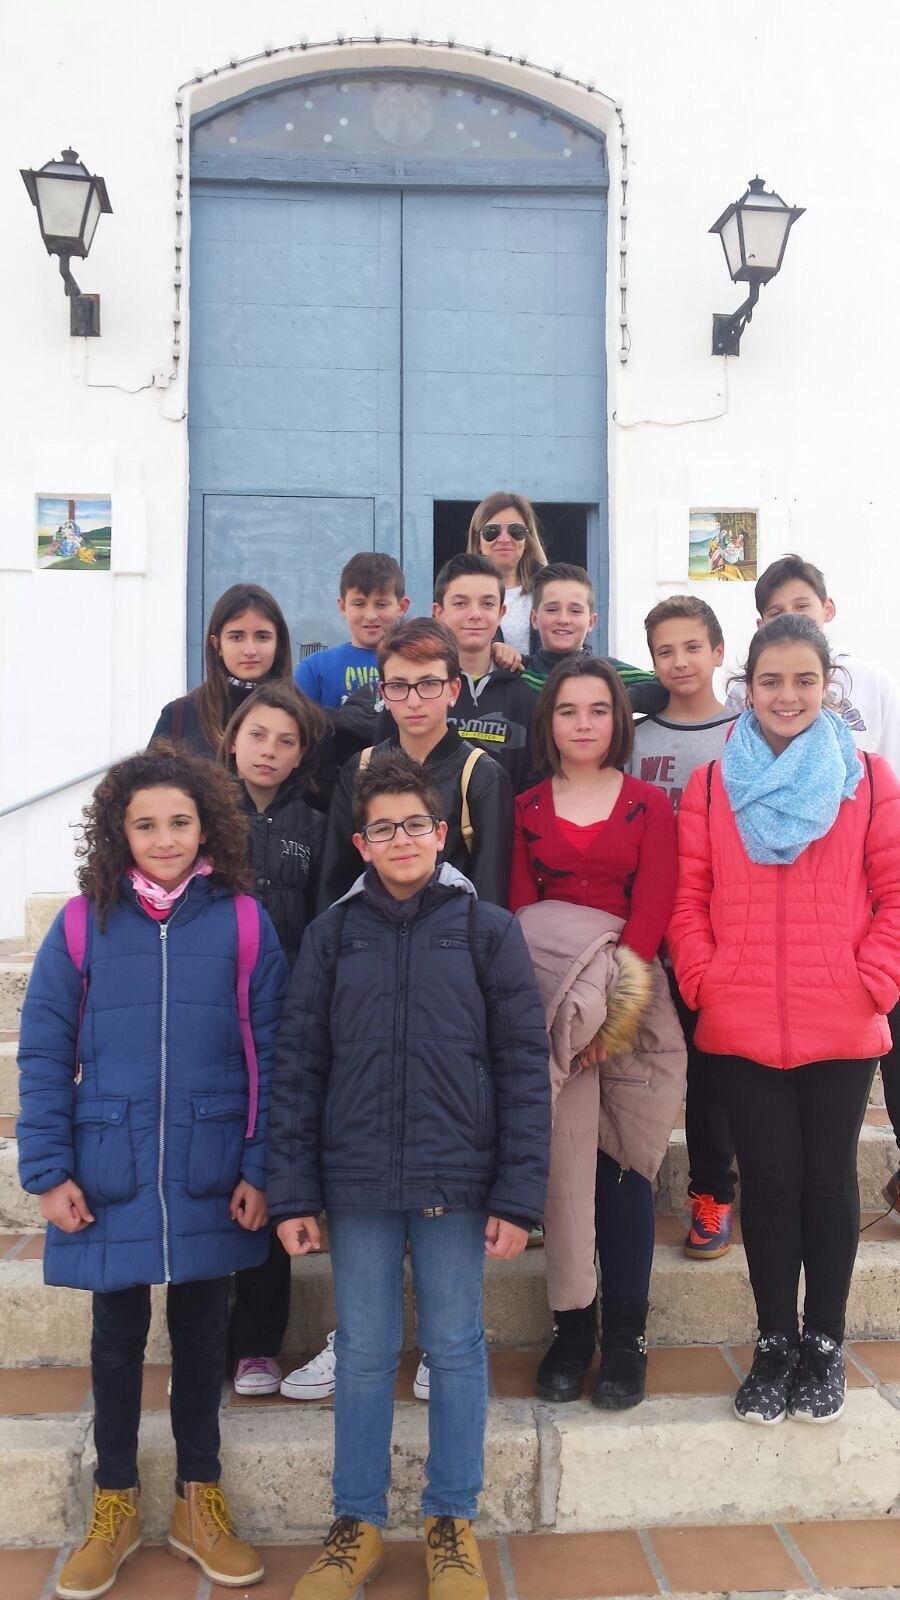 (2017-03-31) - Visita ermita alumnos Yolanda, profesora religión Virrey Poveda - Marzo -  María Isabel Berenguer Brotons (10)